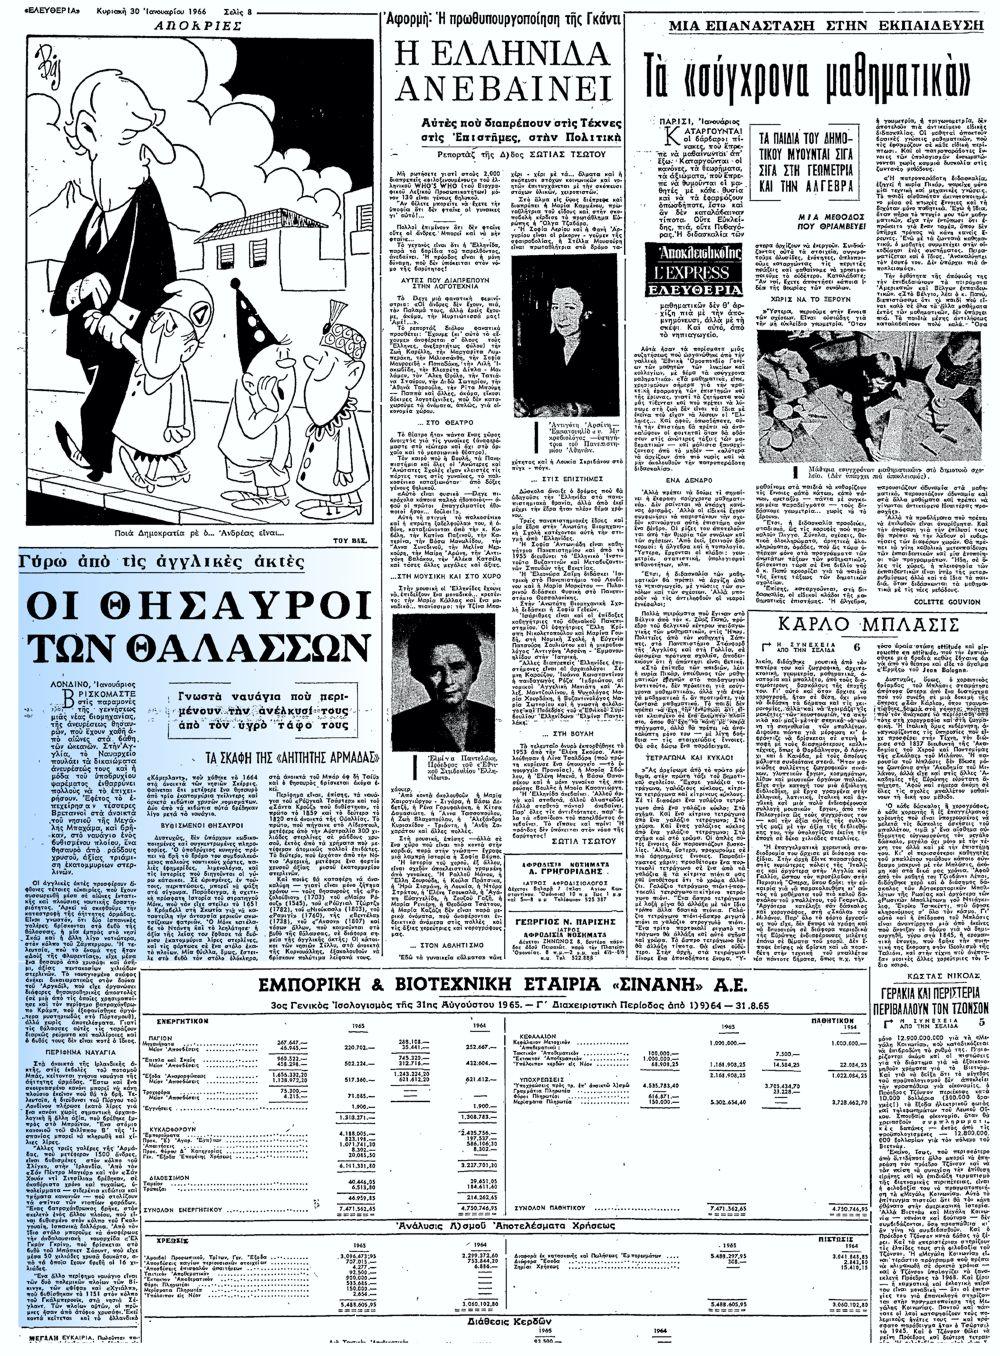 """Το άρθρο, όπως δημοσιεύθηκε στην εφημερίδα """"ΕΛΕΥΘΕΡΙΑ"""", στις 30/01/1966"""